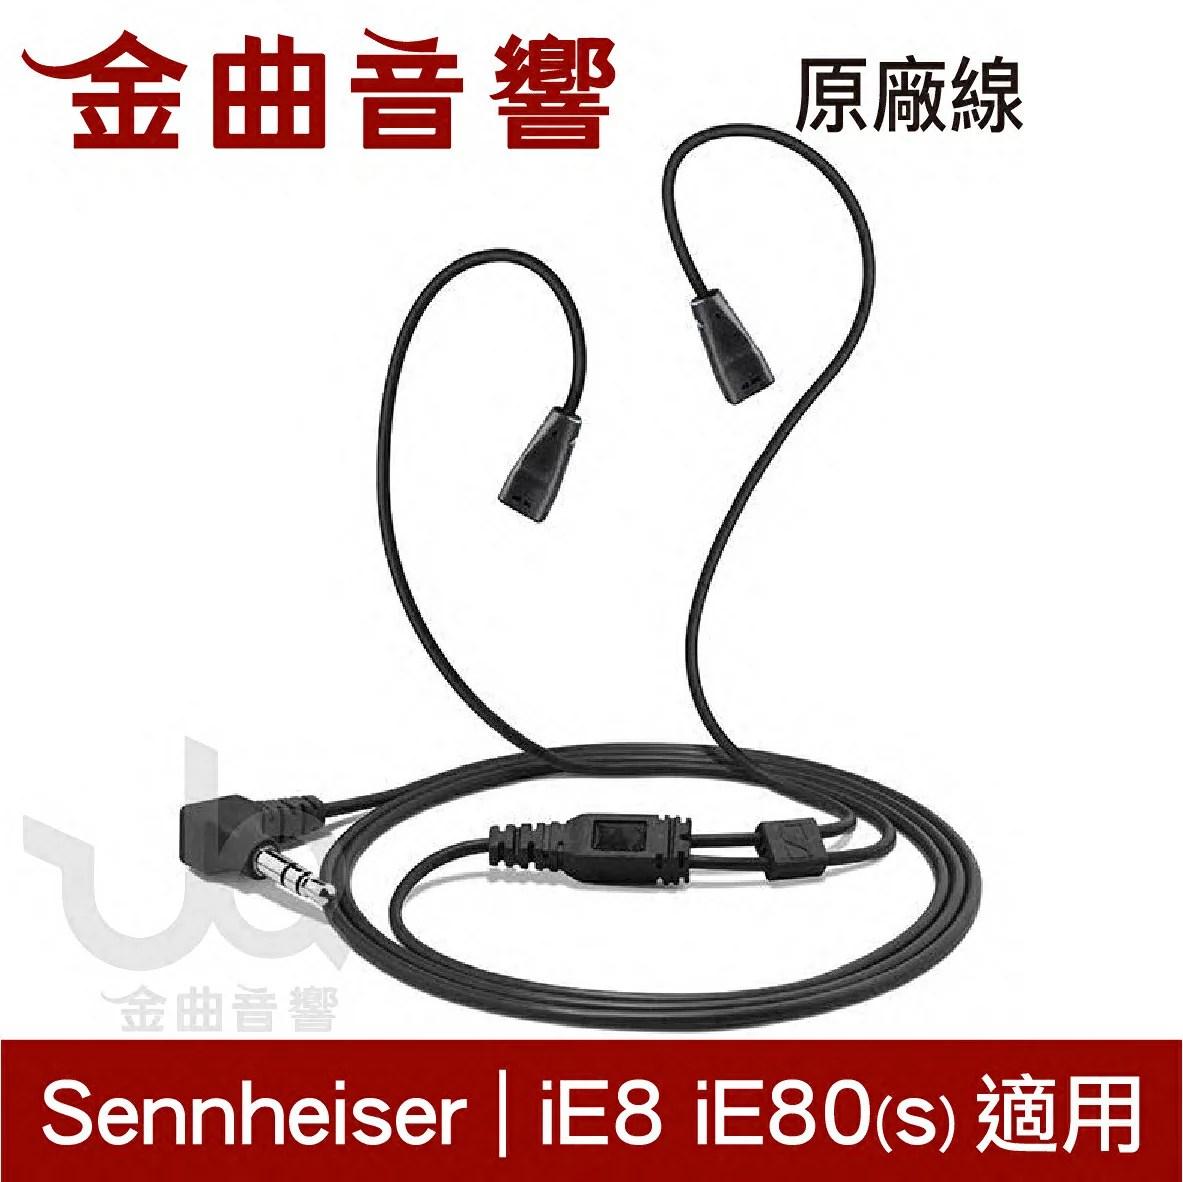 【熱賣產品】Sennheiser 聲海塞爾 IE8 IE80 IE80S 原廠線   金曲音響-熱門產品